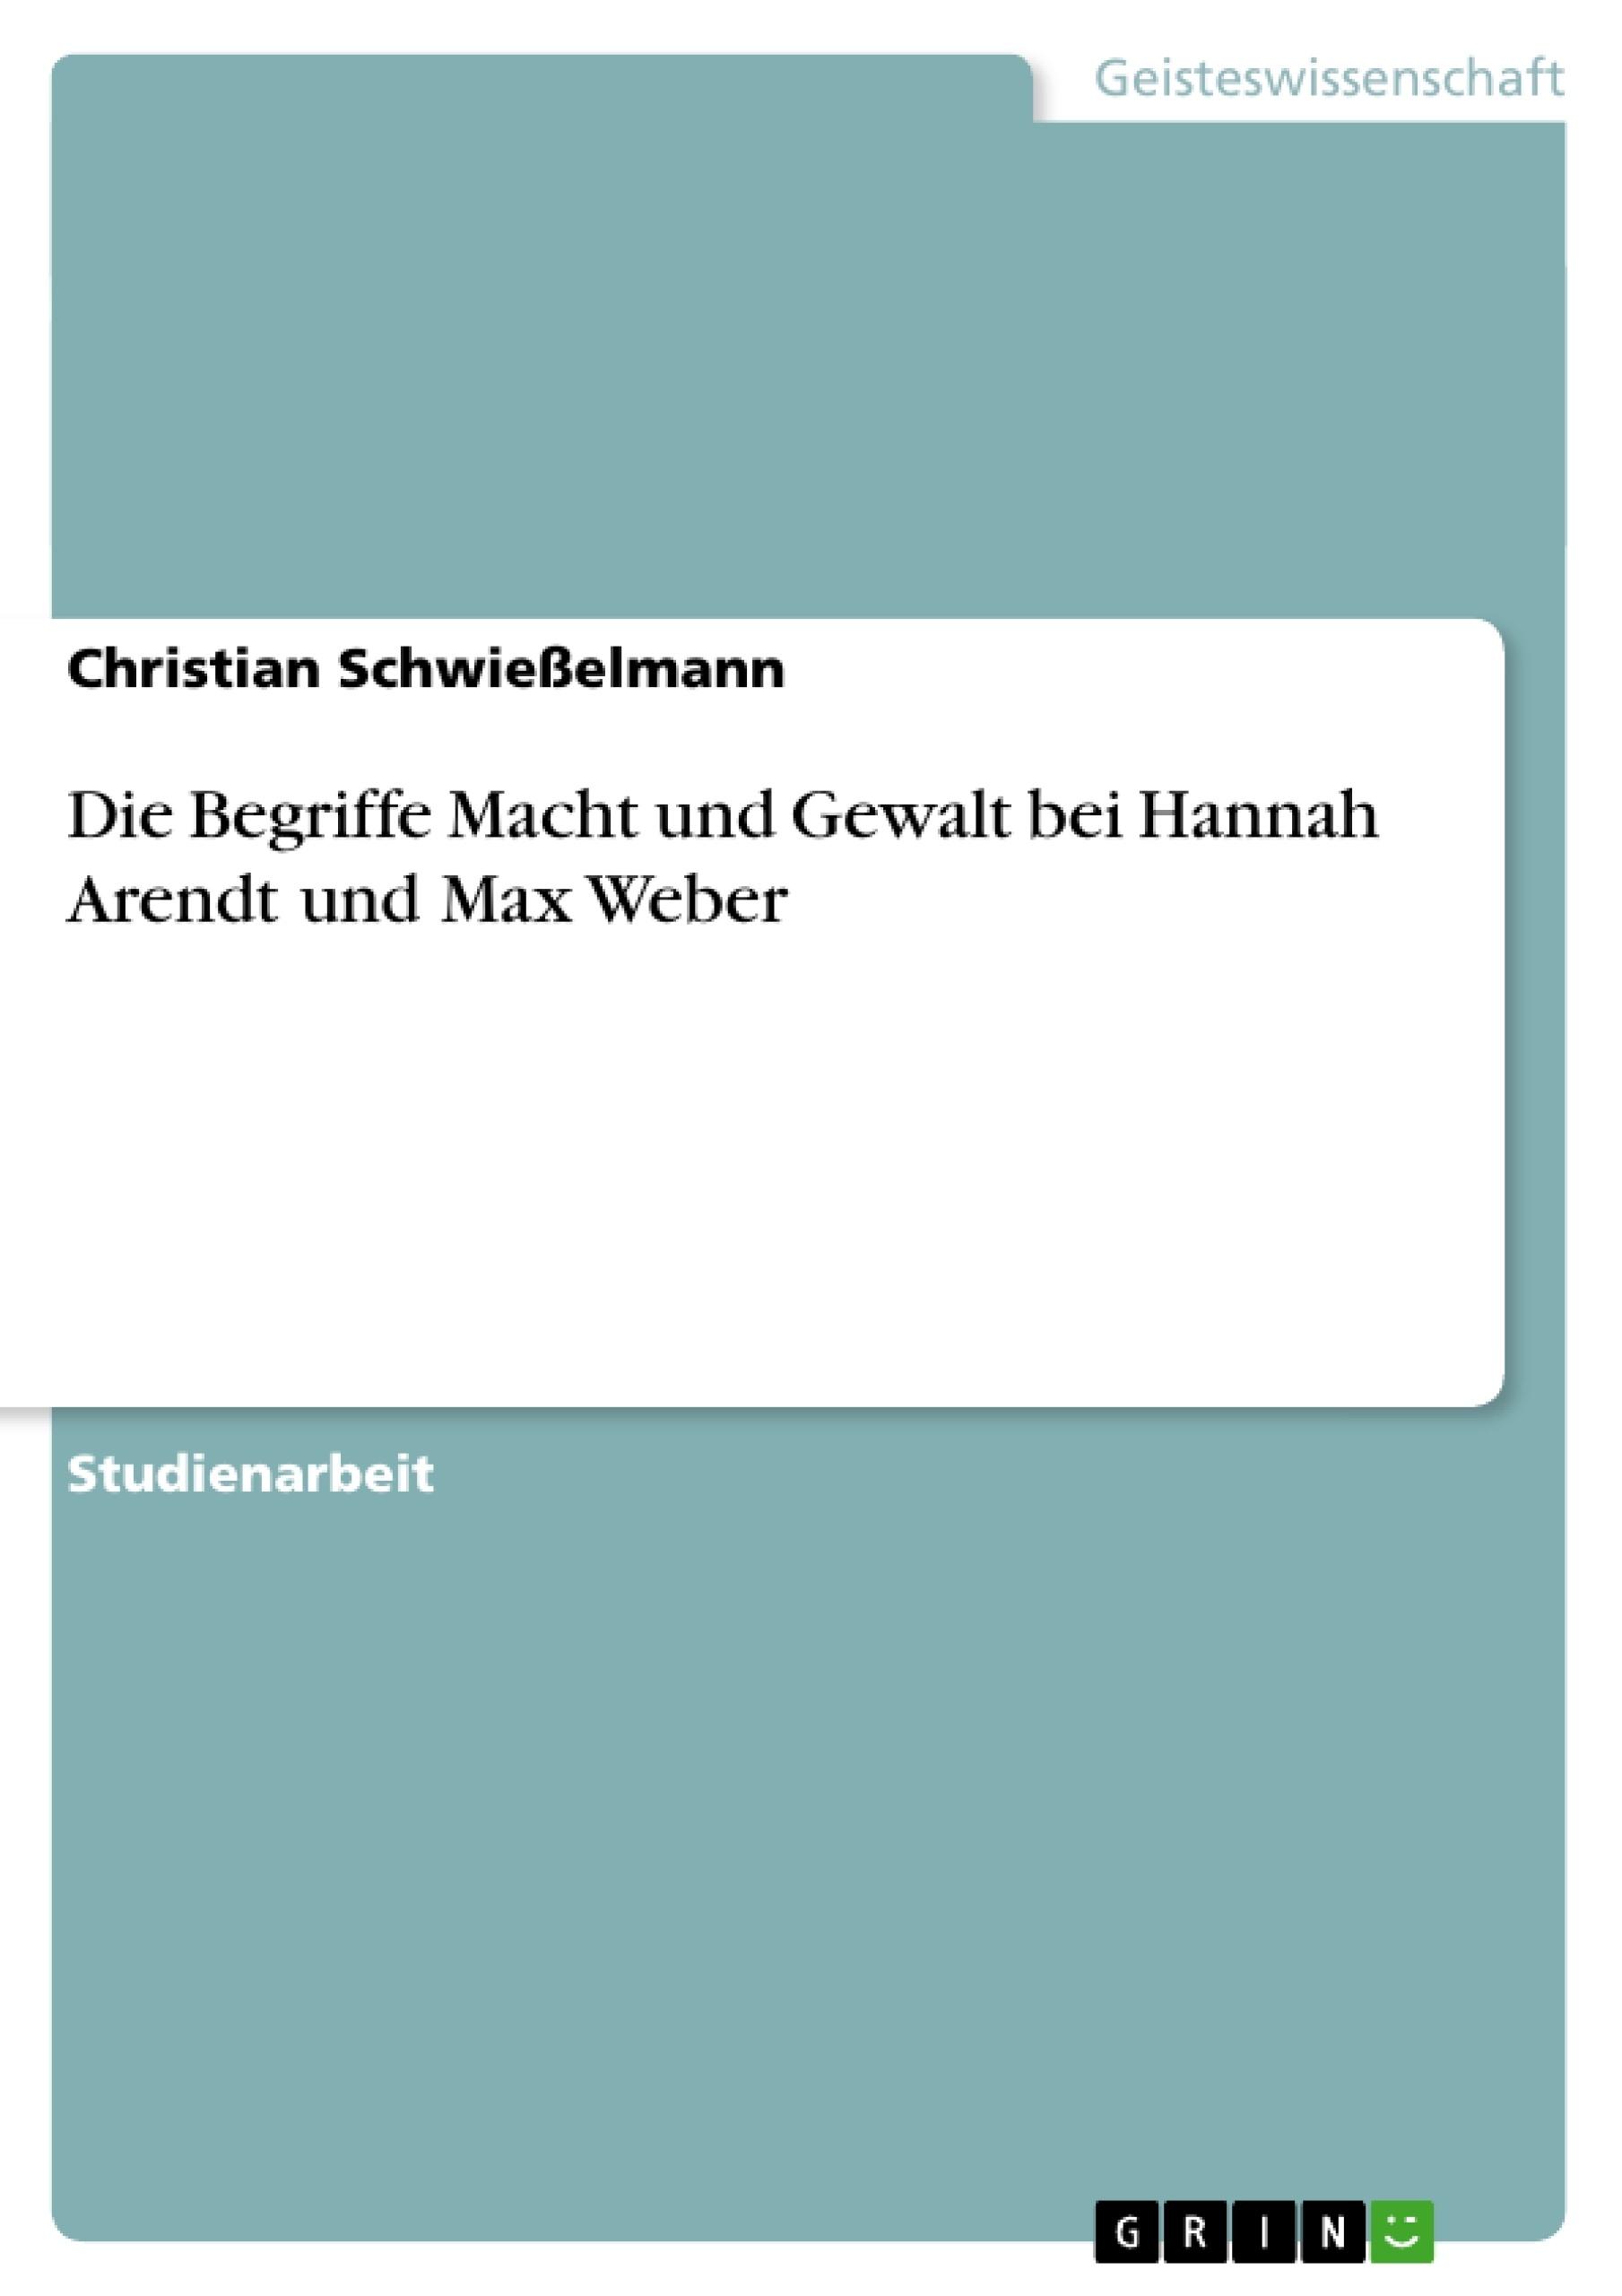 Titel: Die Begriffe Macht und Gewalt bei Hannah Arendt und Max Weber